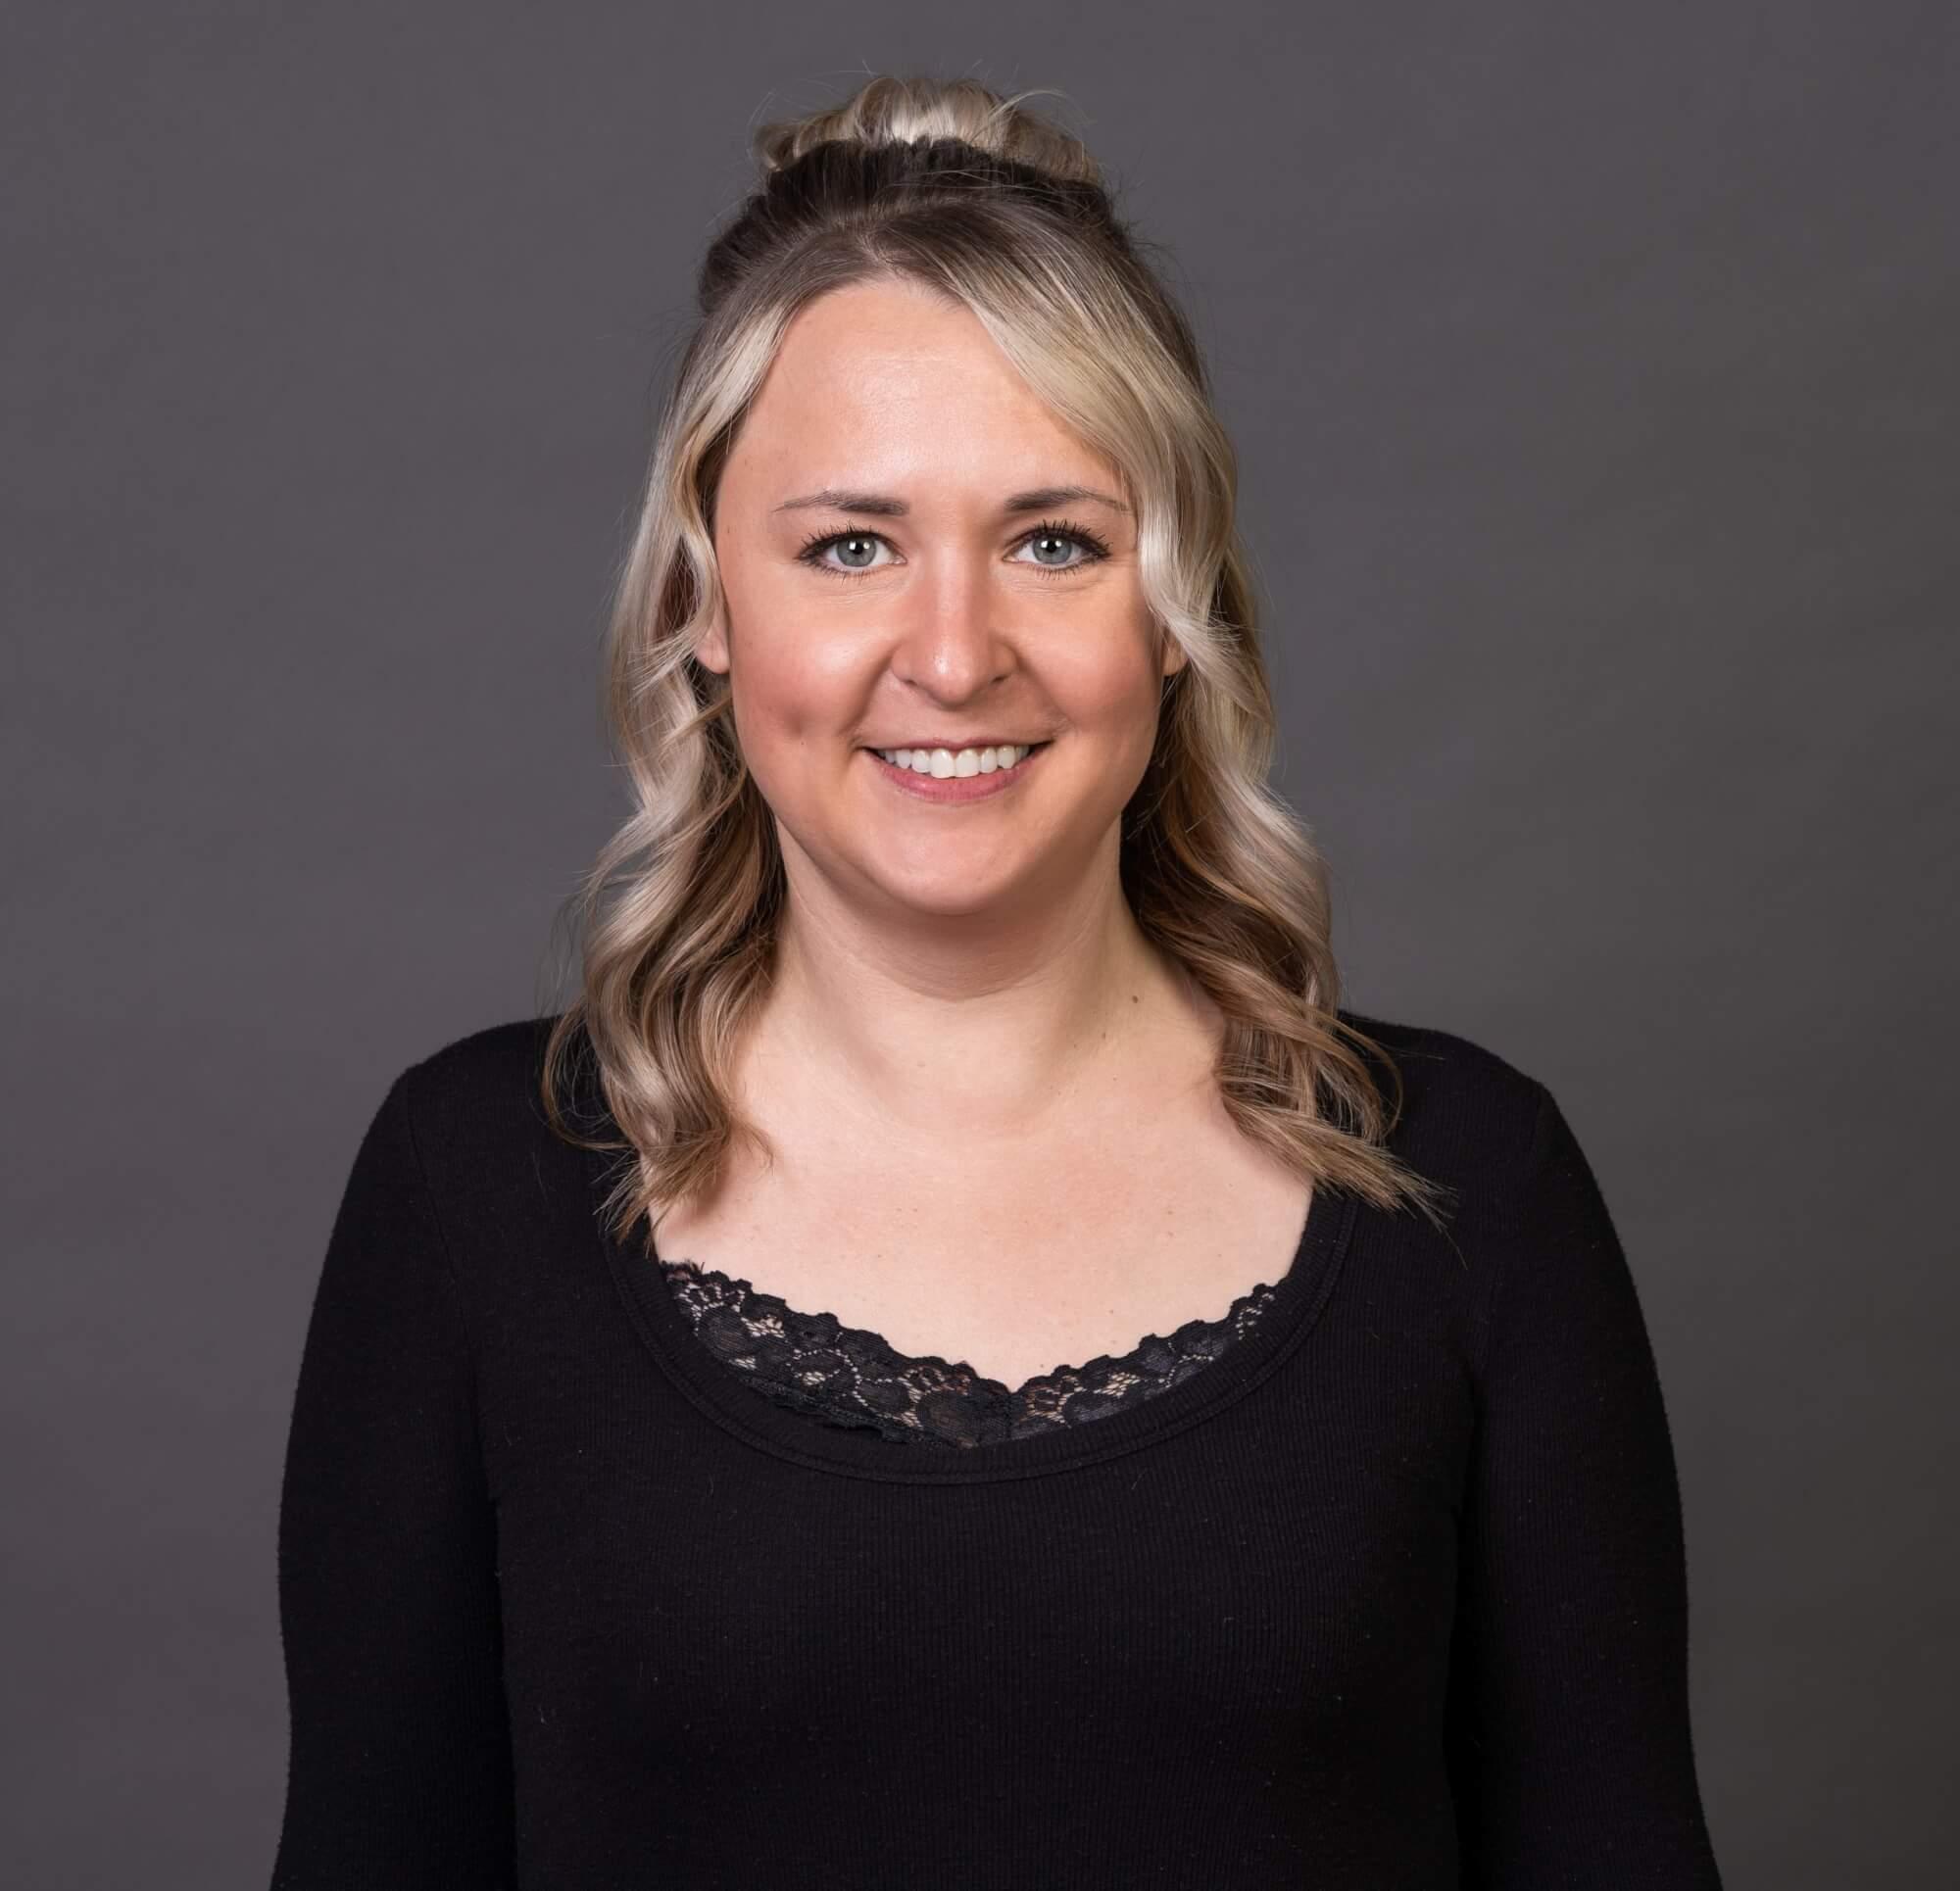 Nicole Ueke